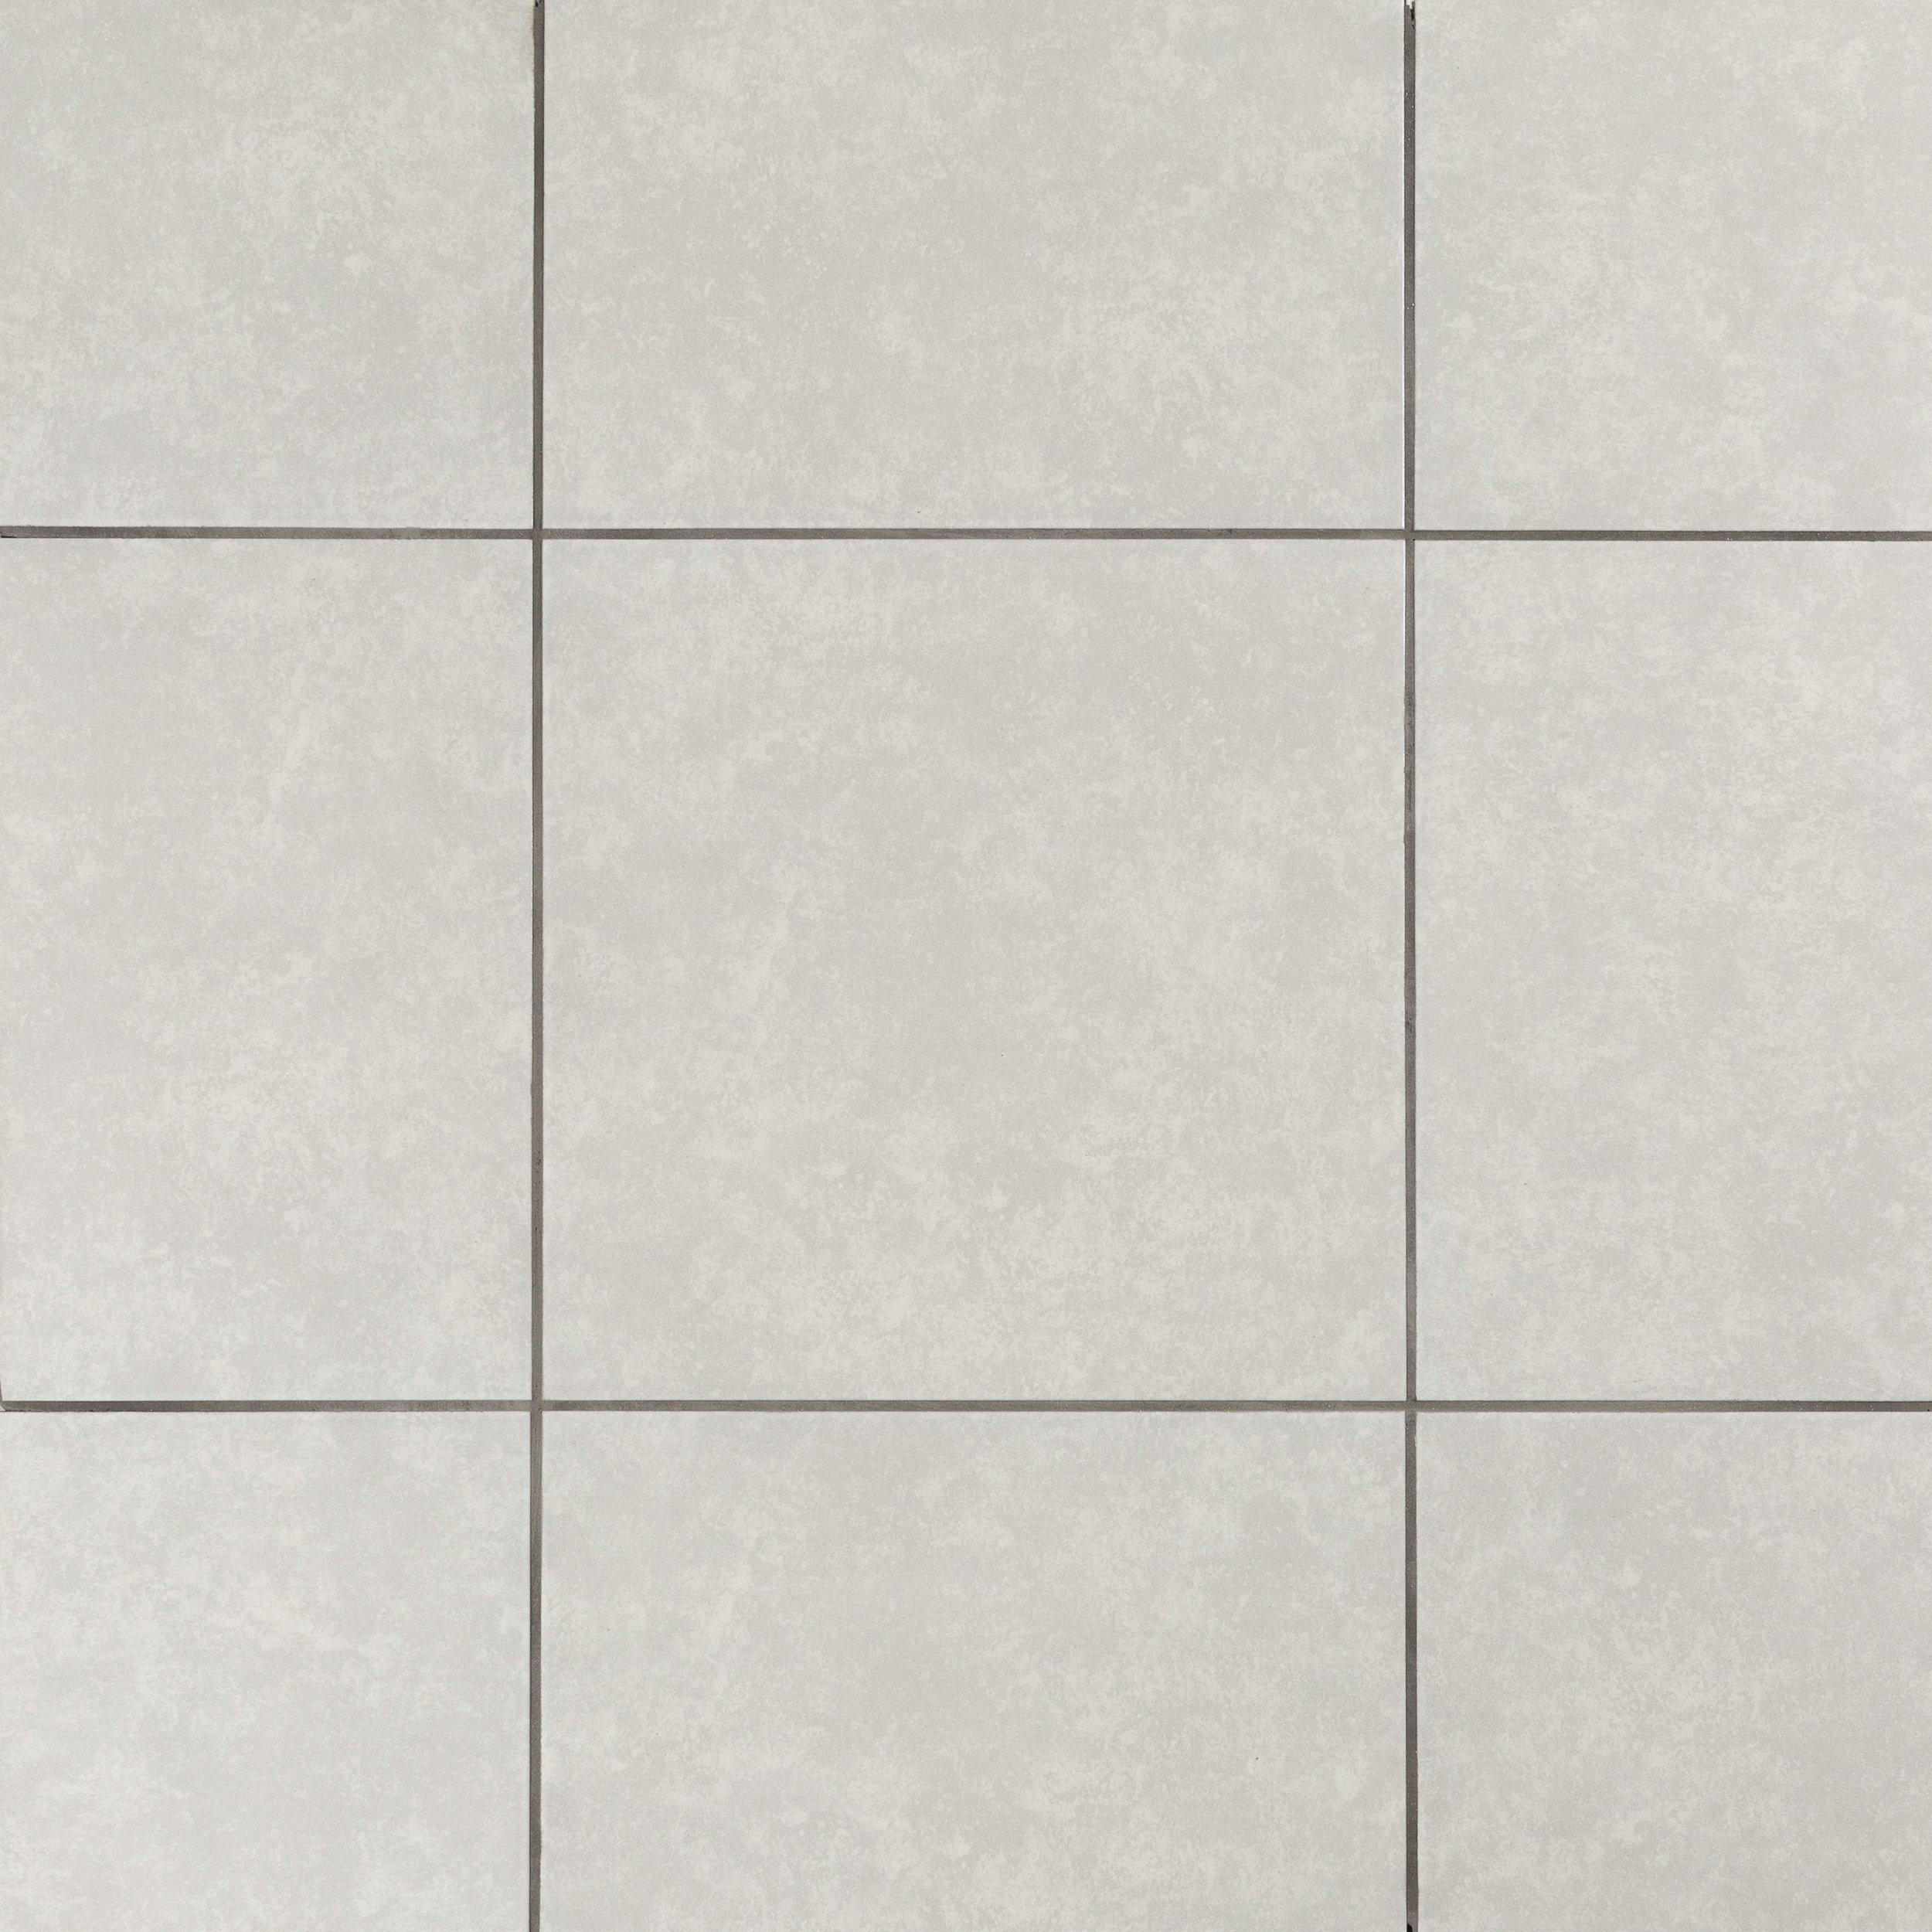 Roma Gris Ceramic Tile 16 X 16 911104168 Floor And Decor